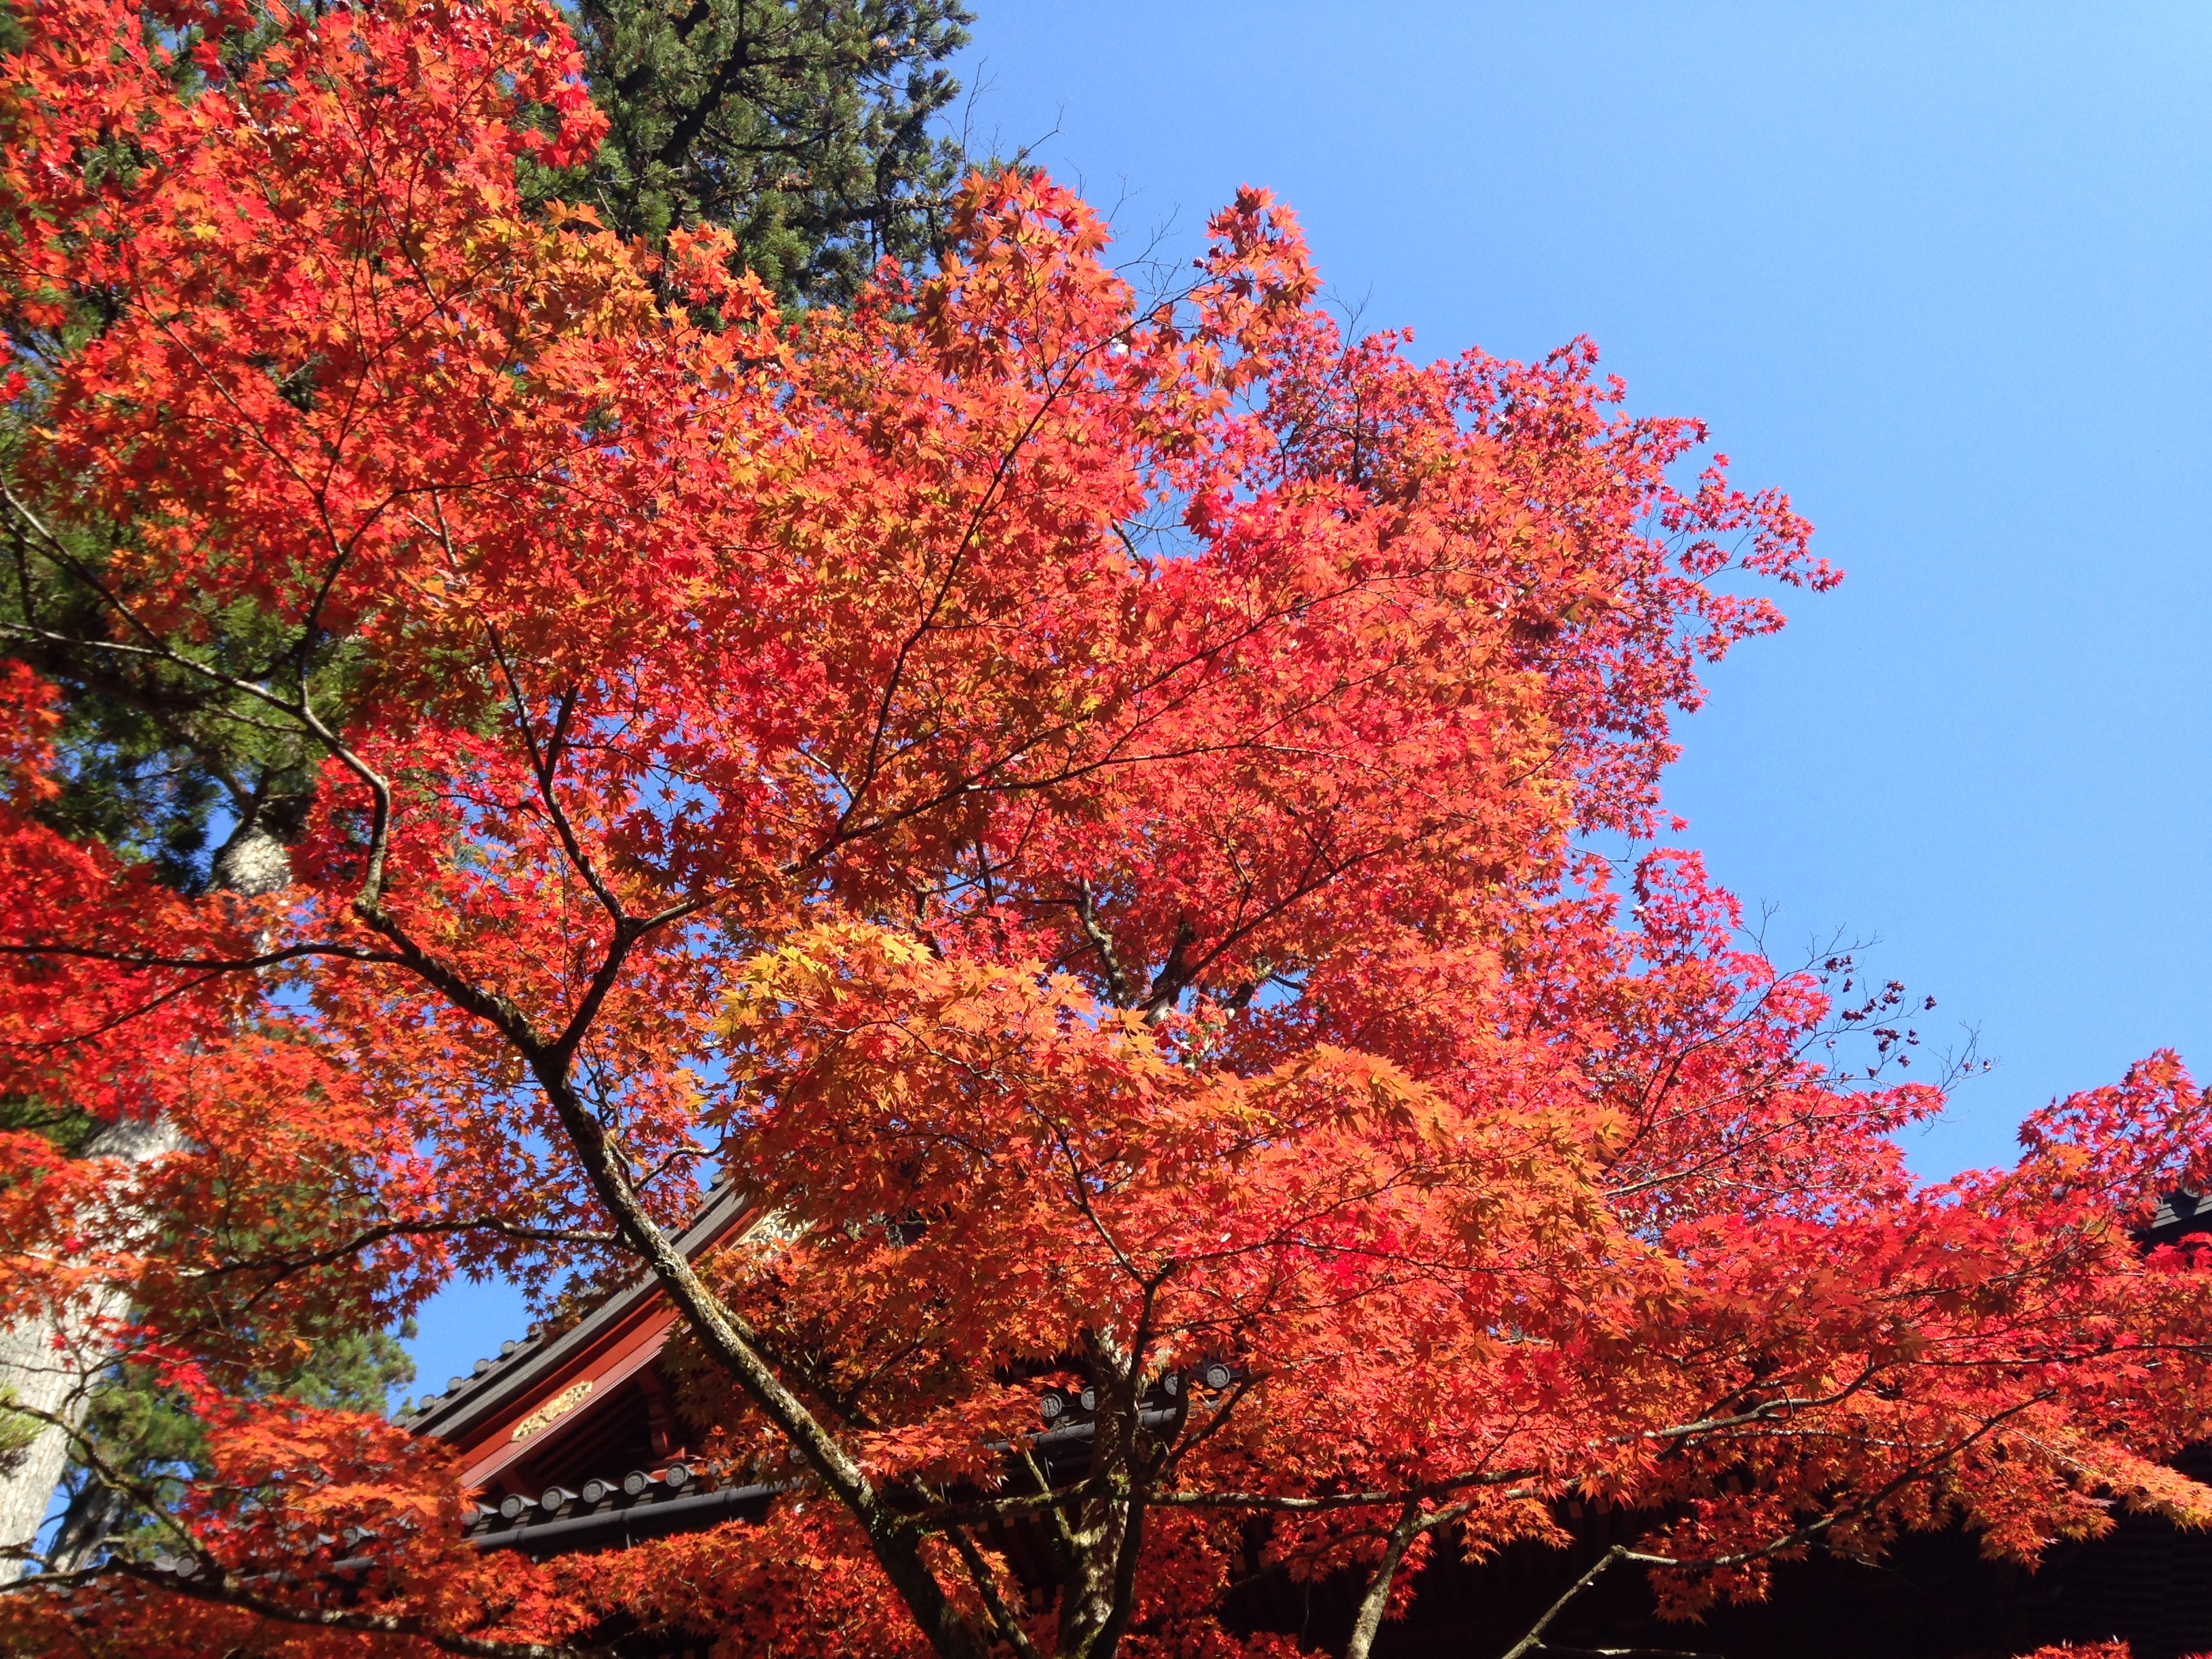 【東京から日帰り】電車で日光へ!世界遺産と中禅寺湖の紅葉